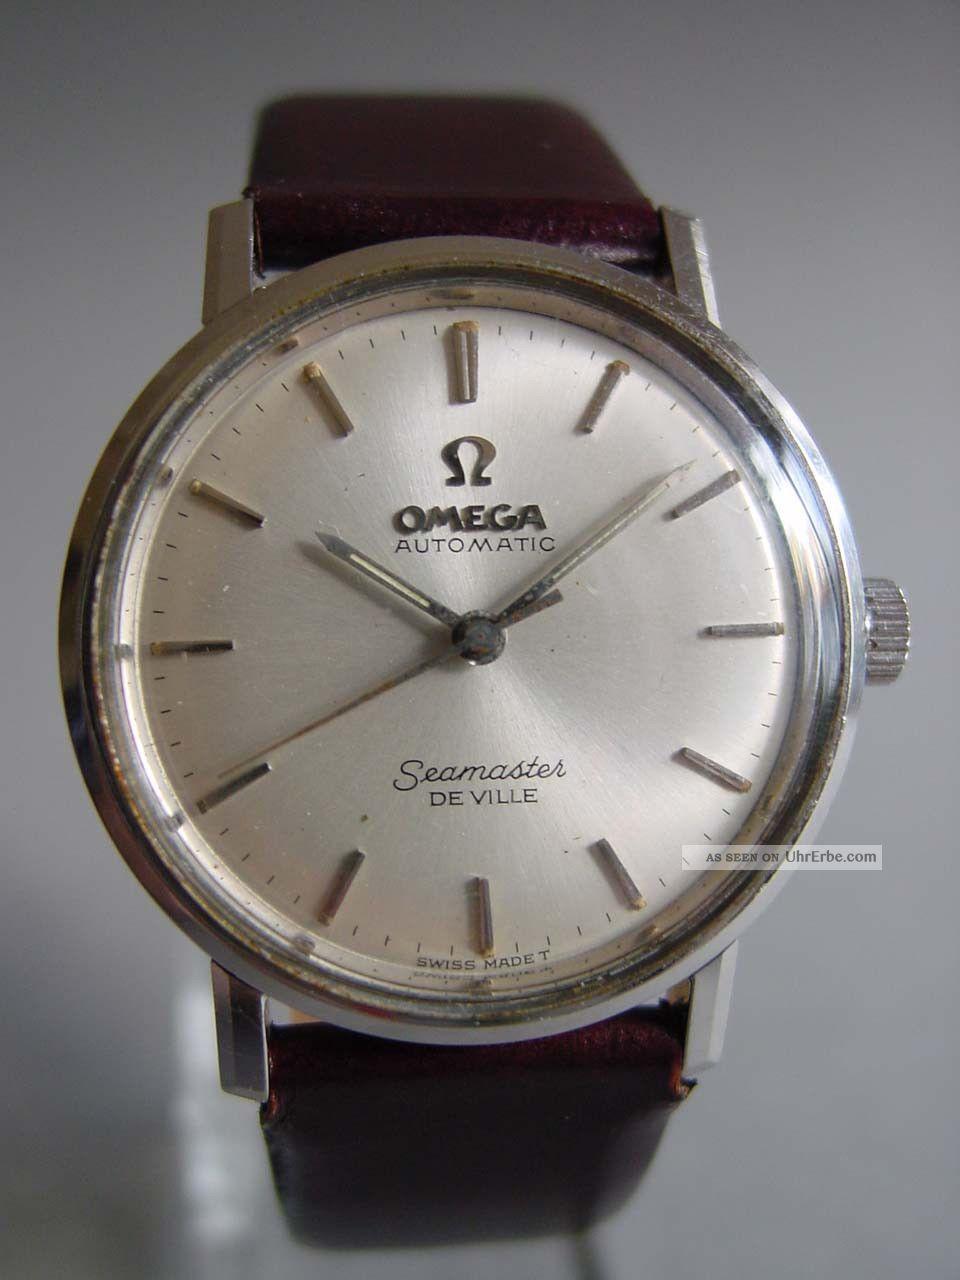 Omega Seamaster Automatic Edelstahl Armbanduhren Bild